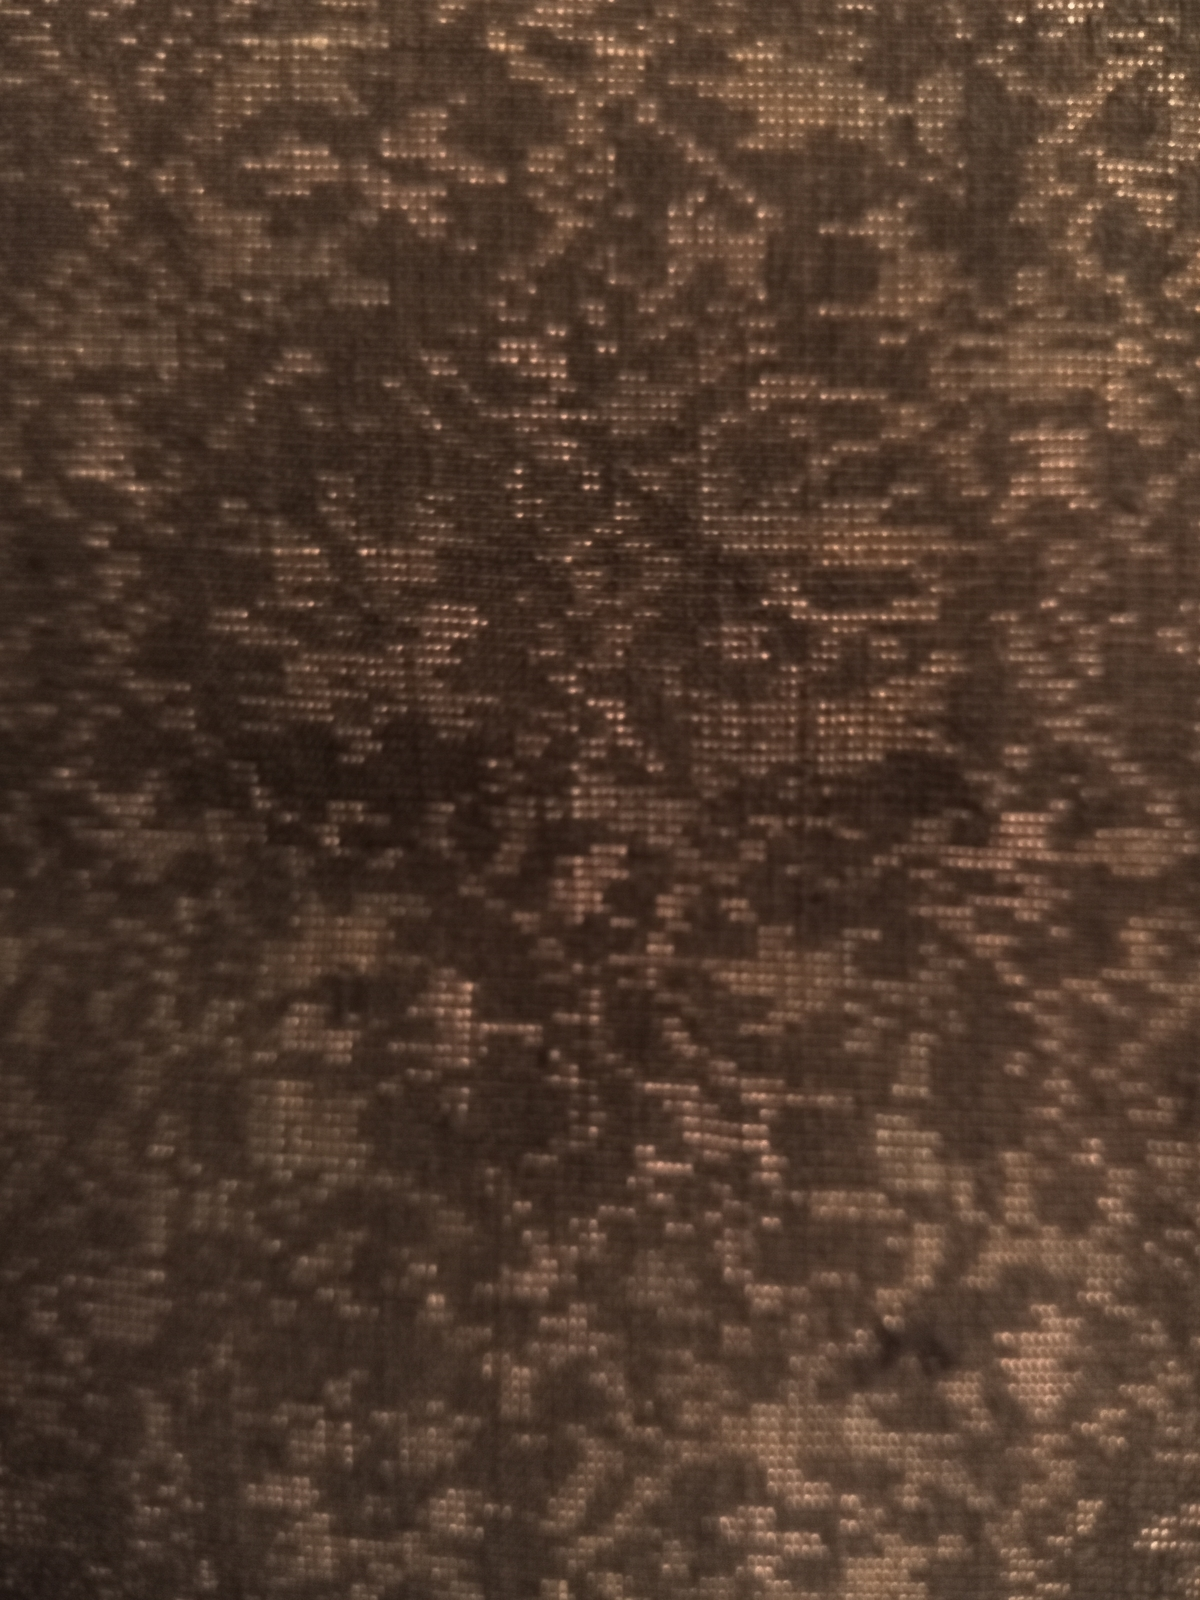 f:id:uribouwataru:20210530132123j:plain